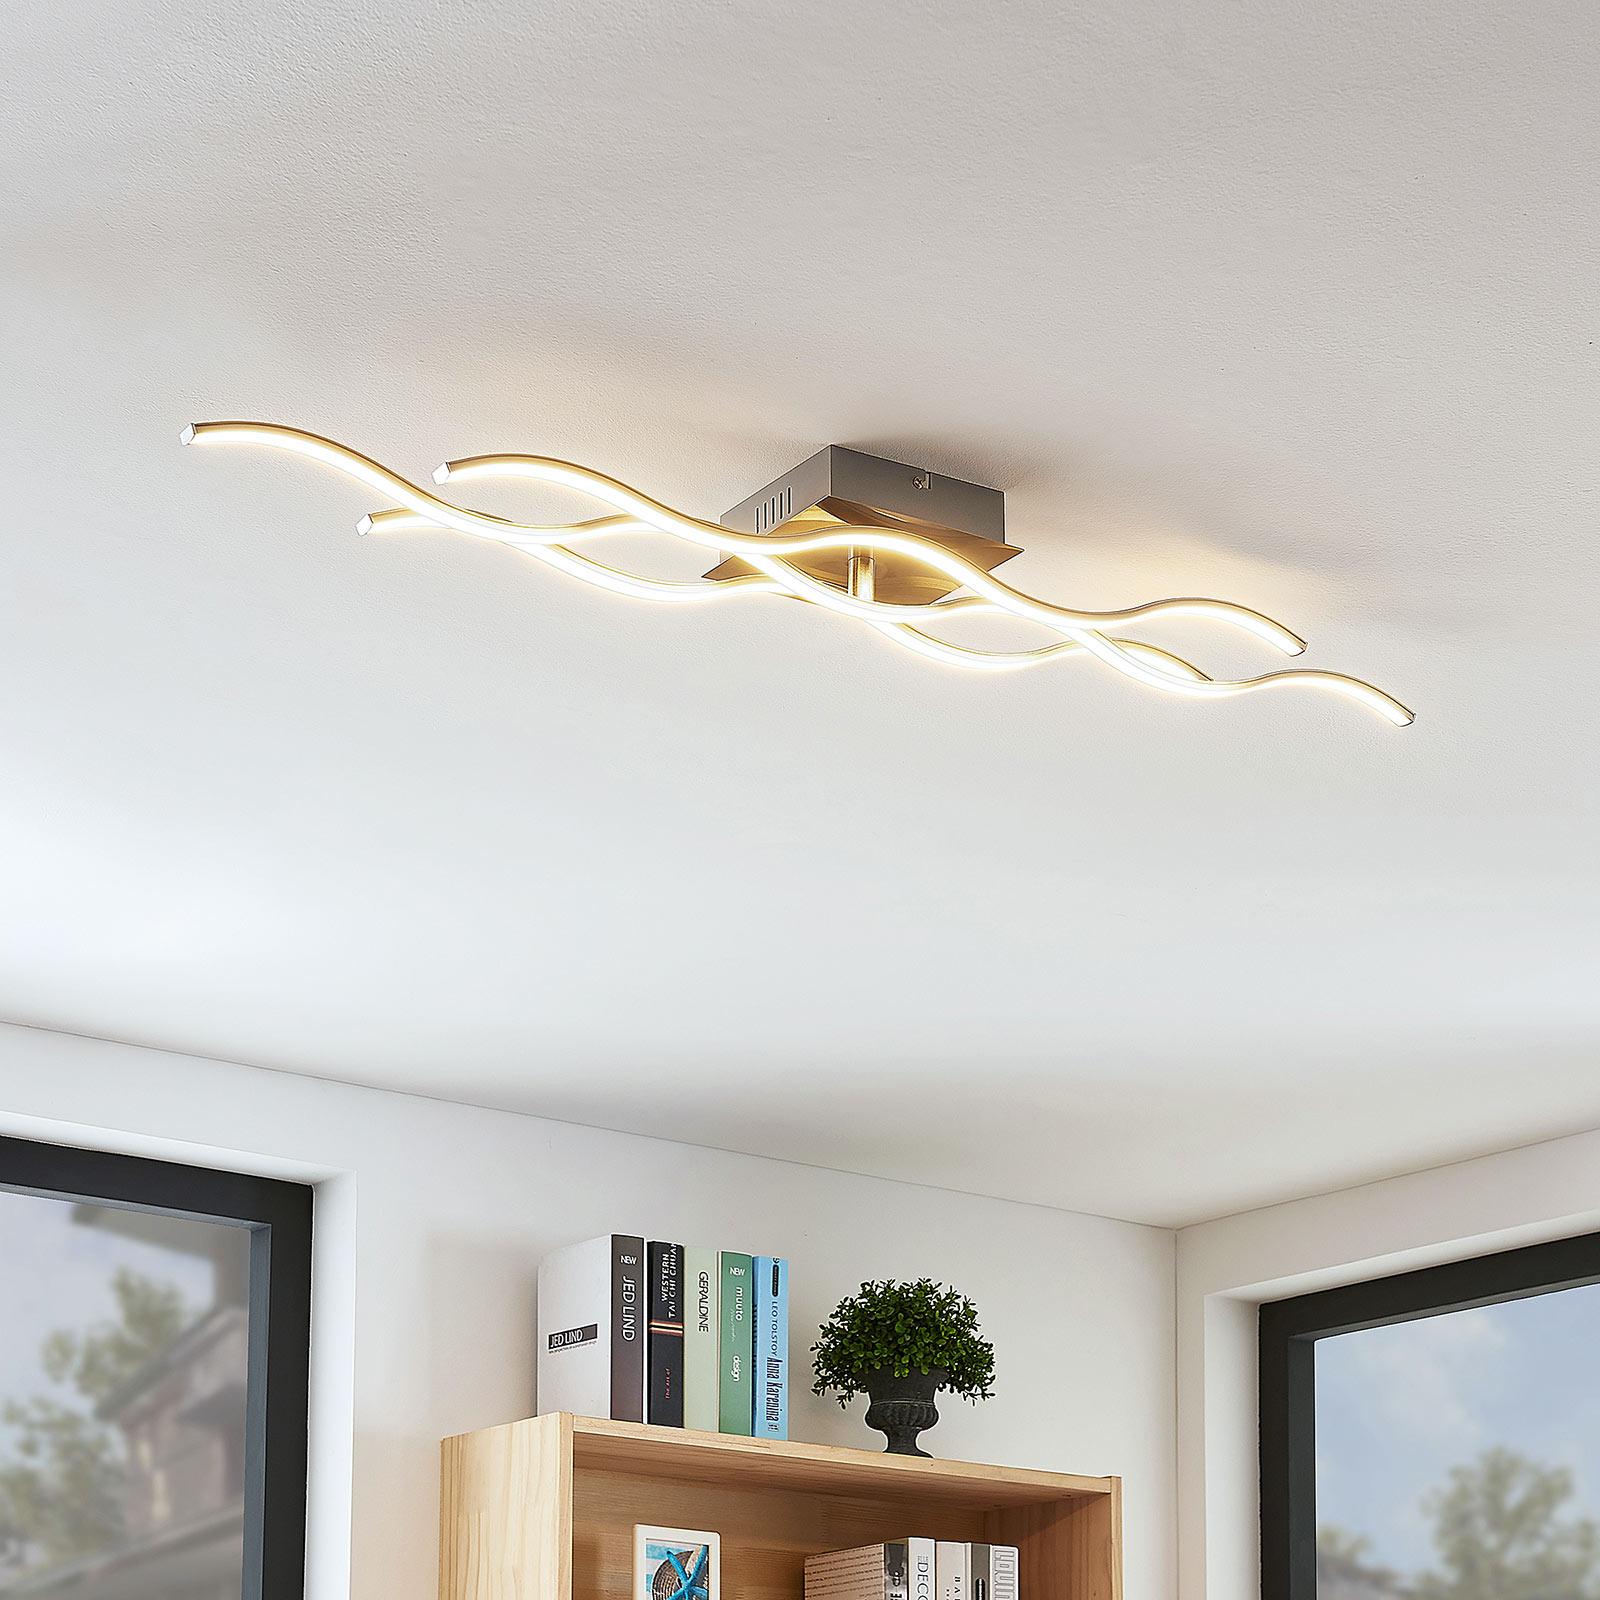 Bølgeformet LED-taklampe Safia med tre lys